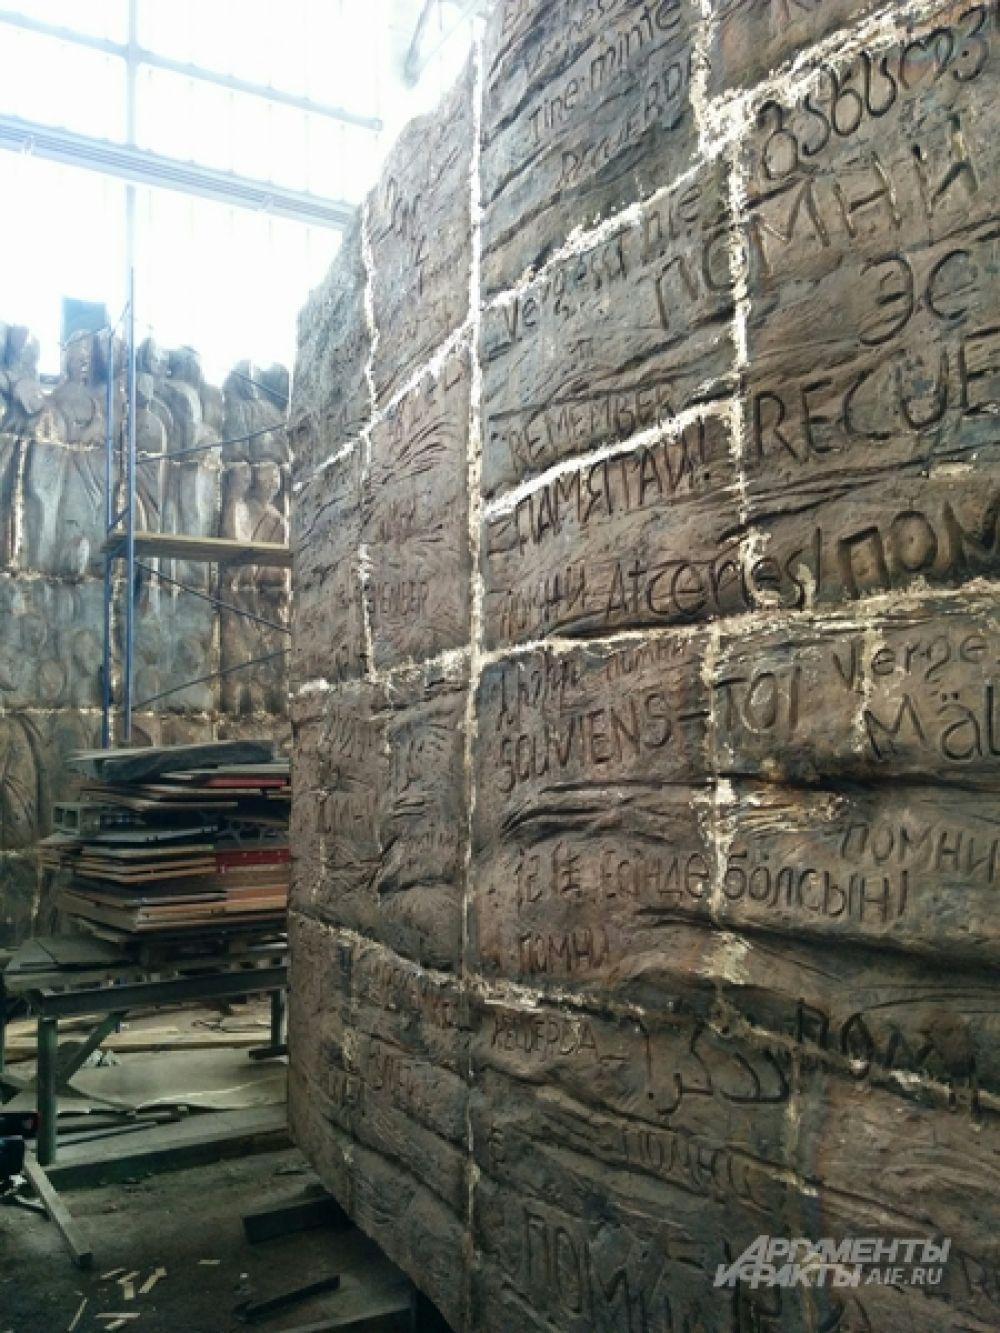 Справа и слева от стены будут «скрижали» со словом «Помни» на разных языках.